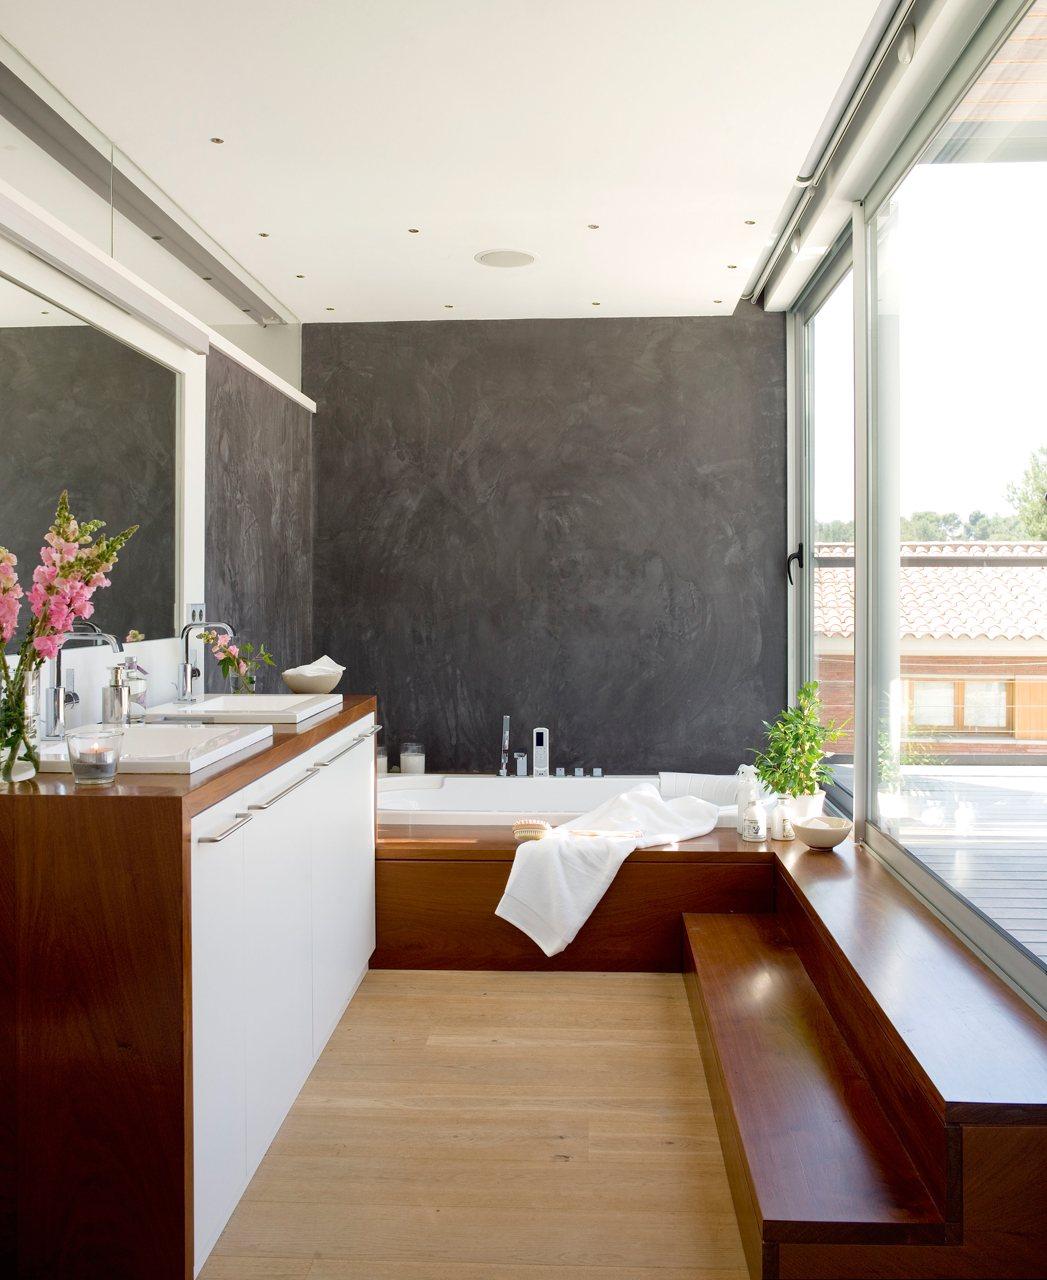 Baño Abierto Al Vestidor:Un baño con vestidor luminoso y práctico